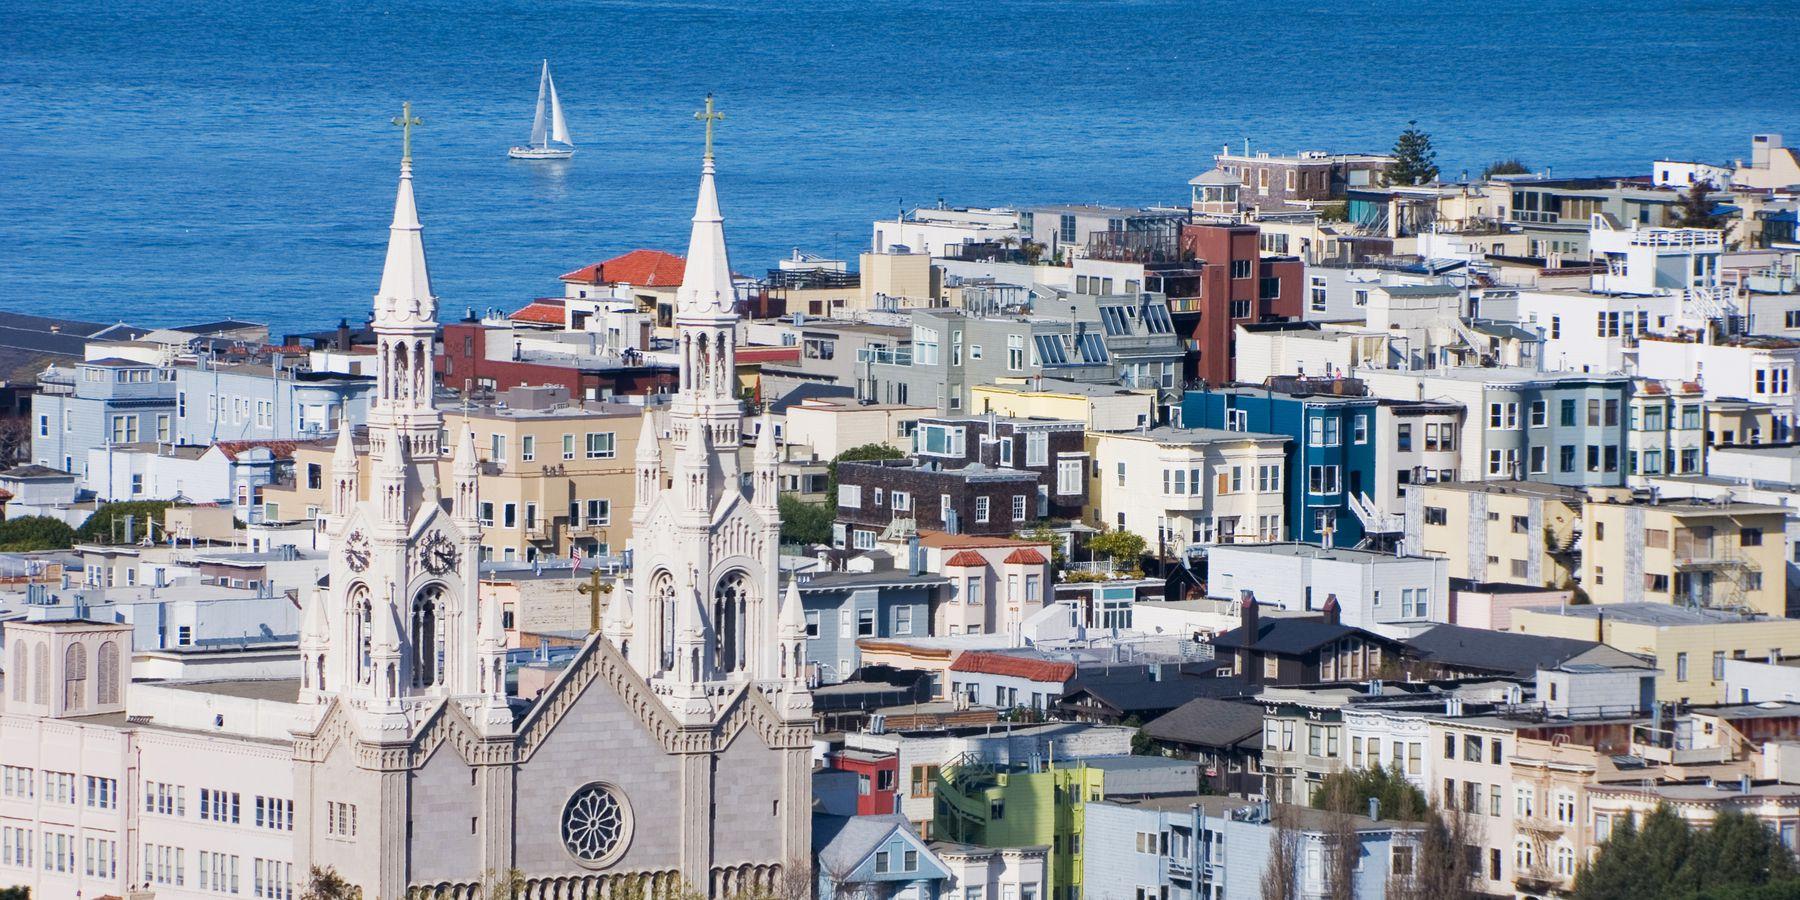 North Beach - San Francisco - California - Amerika - Doets Reizen